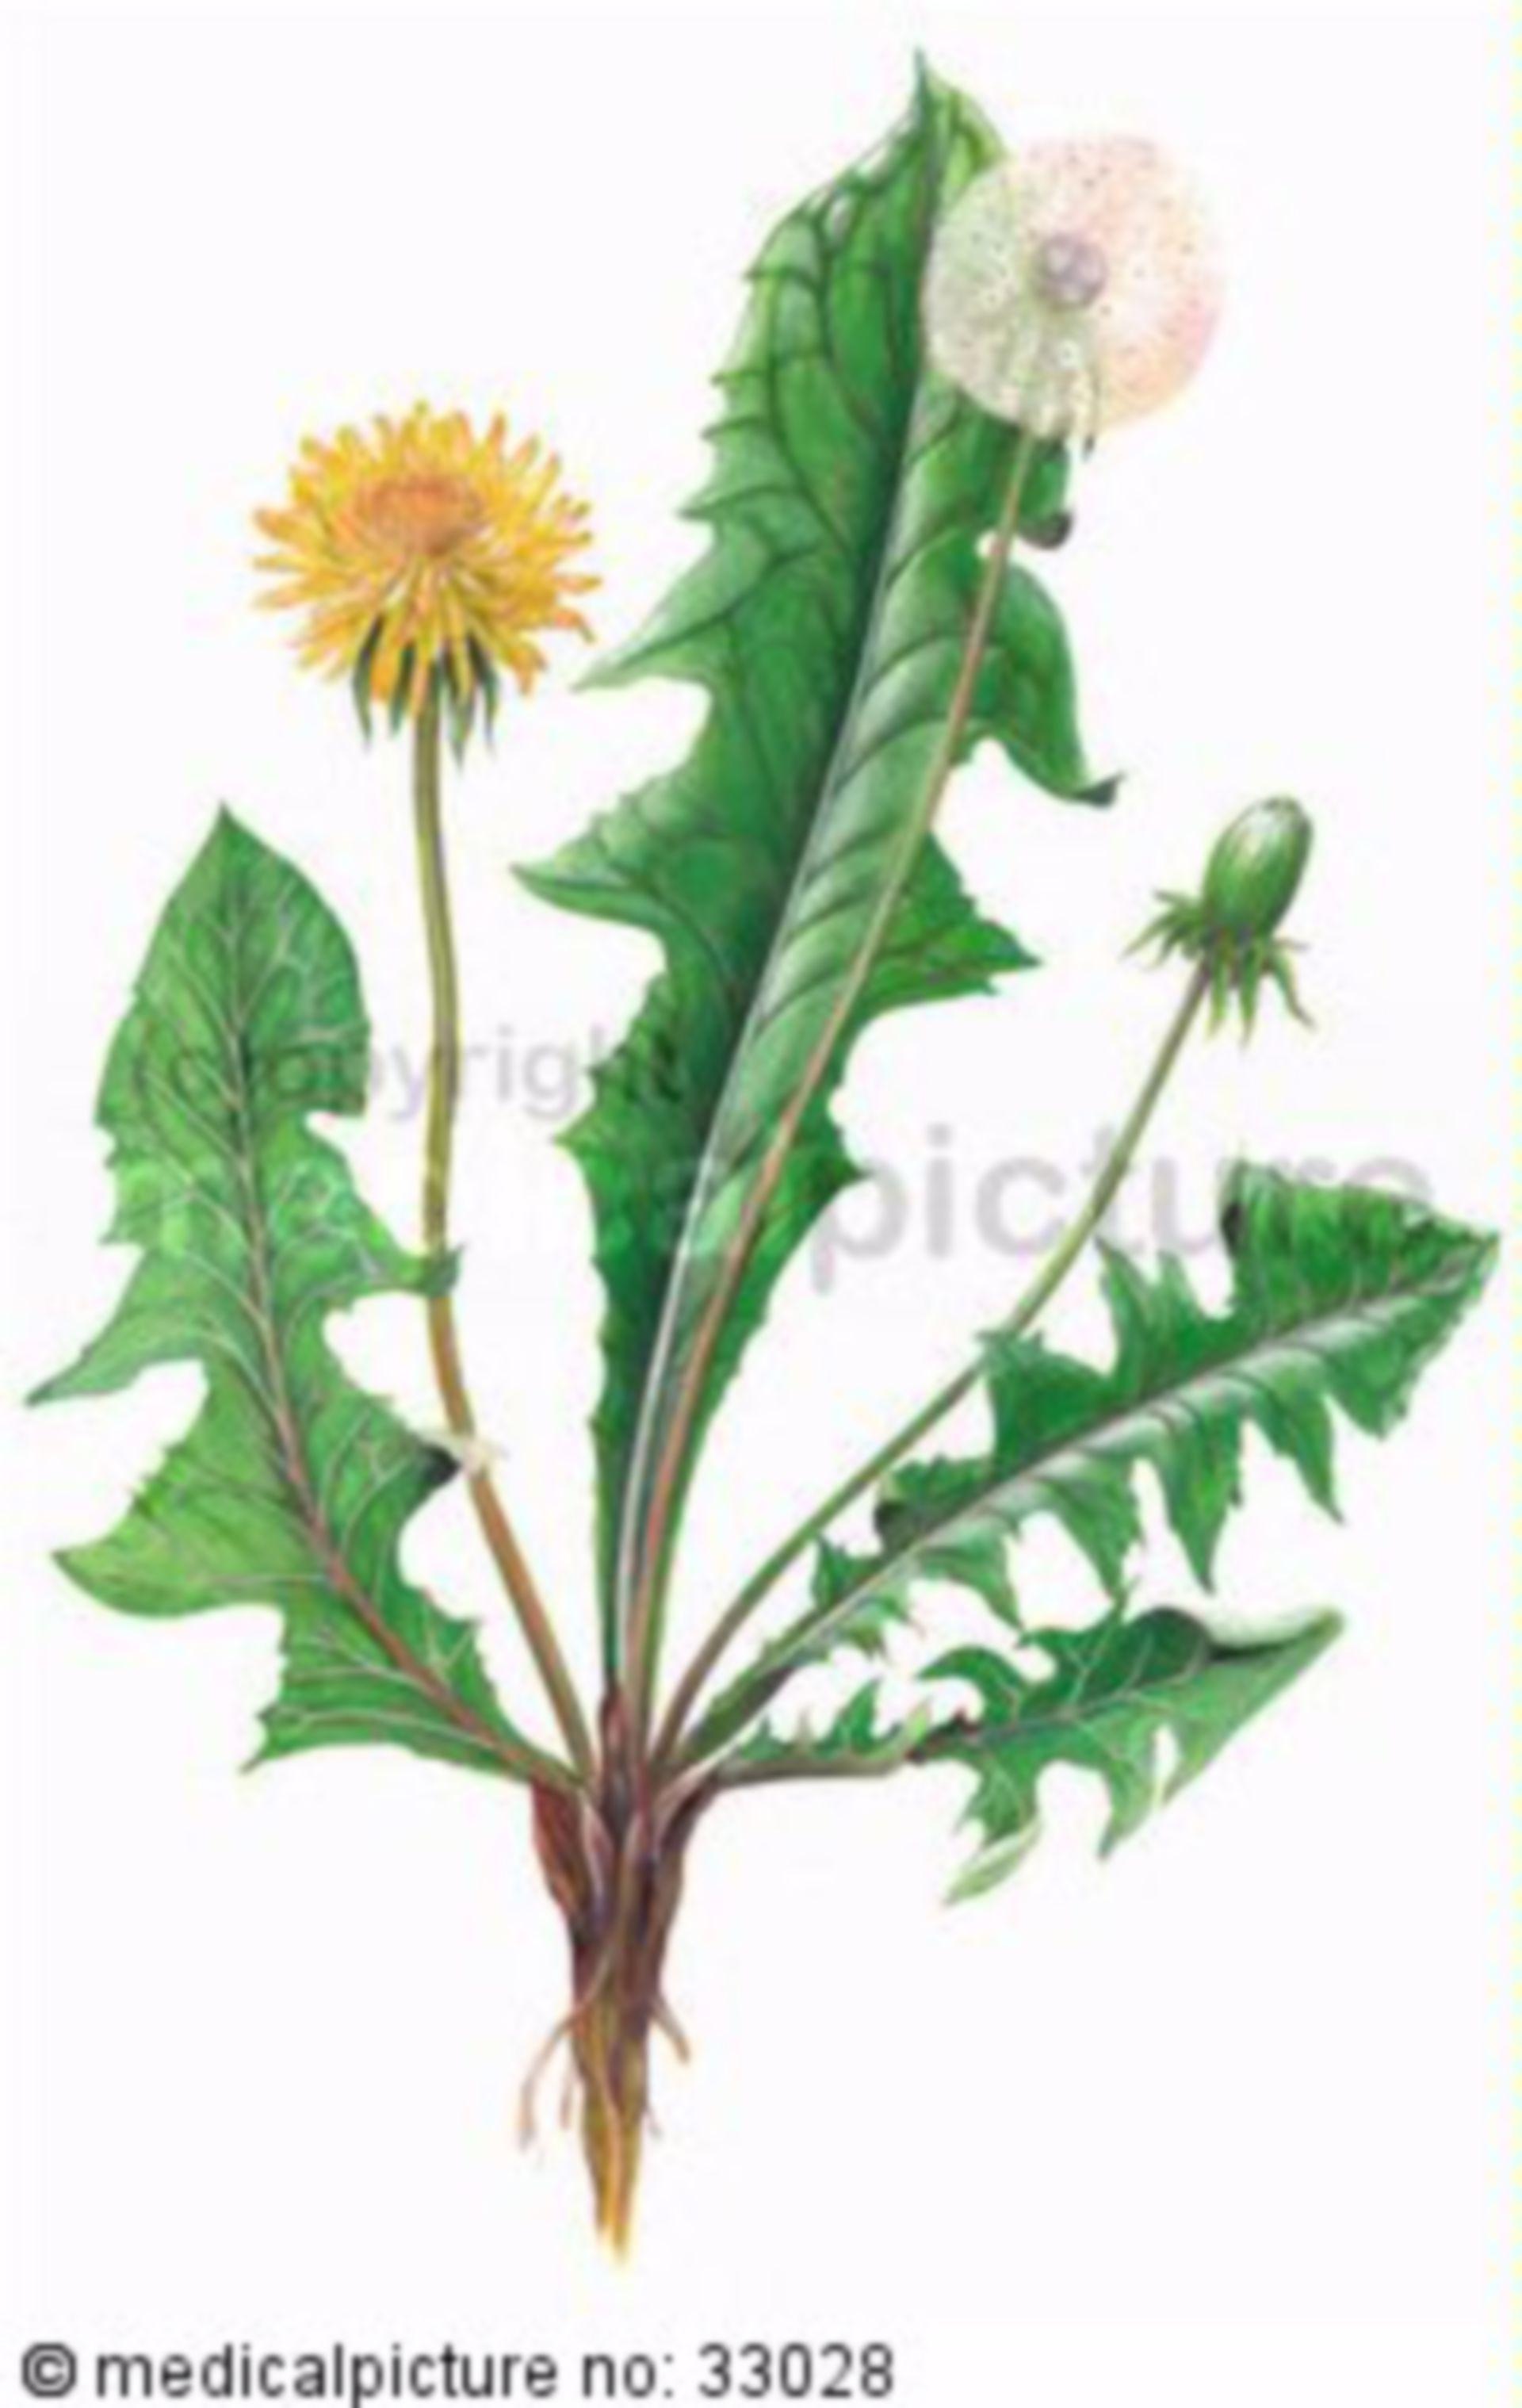 Kräuter, Taraxacum sect. Ruderalia, Gewöhnlicher Löwenzahn